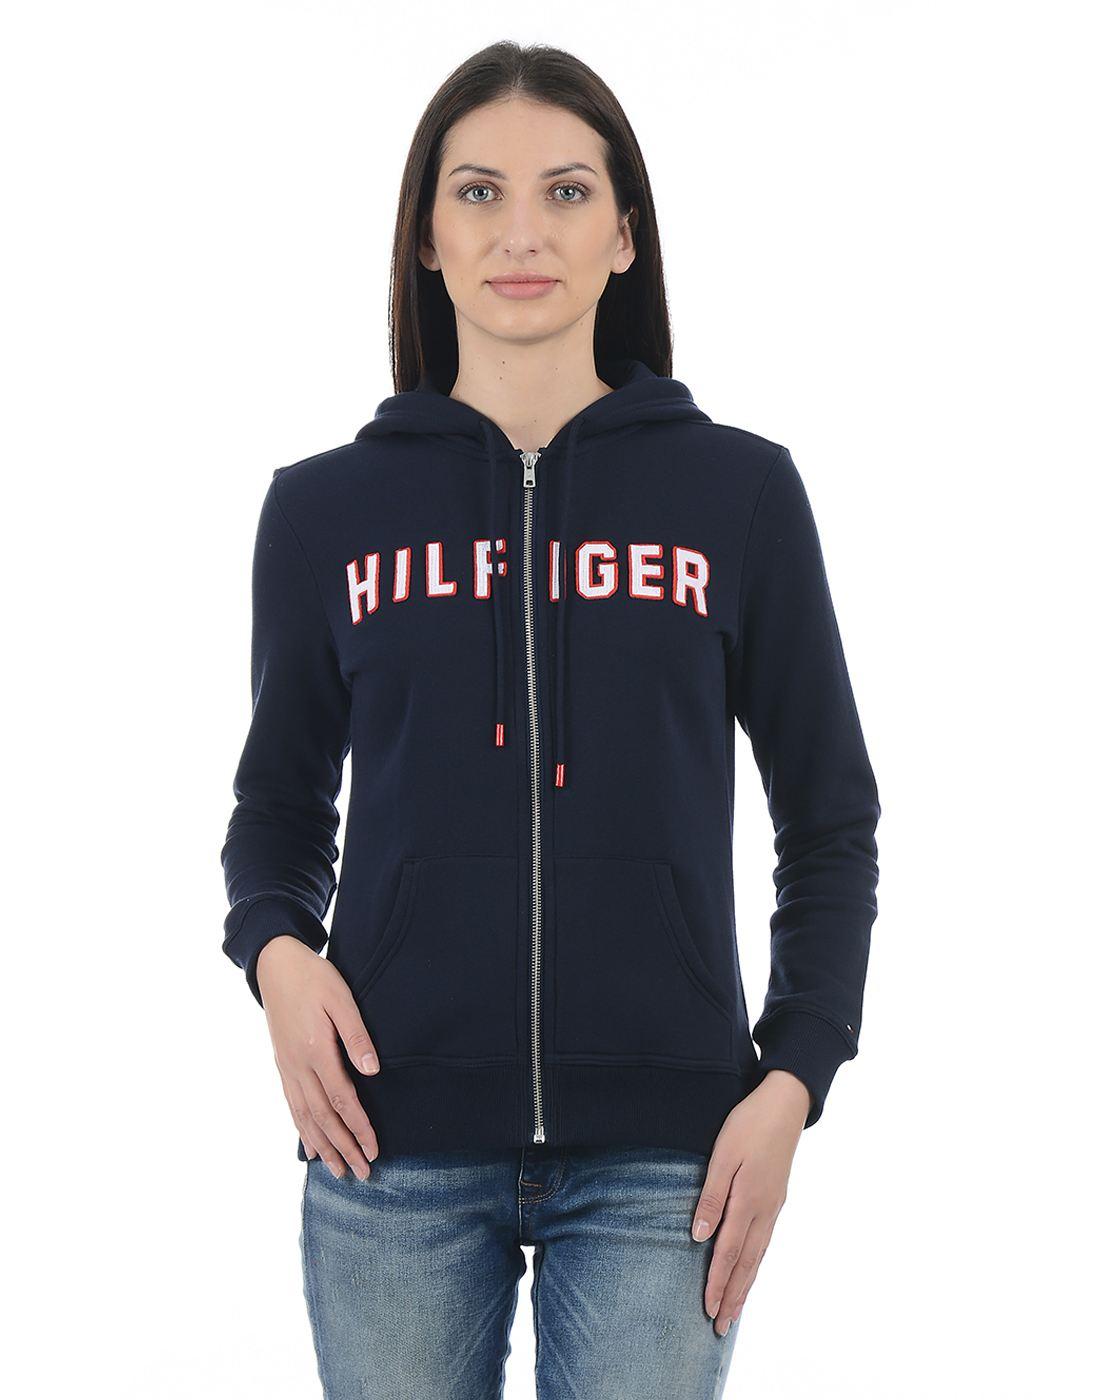 Tommy Hilfiger Women Navy Sweatshirt